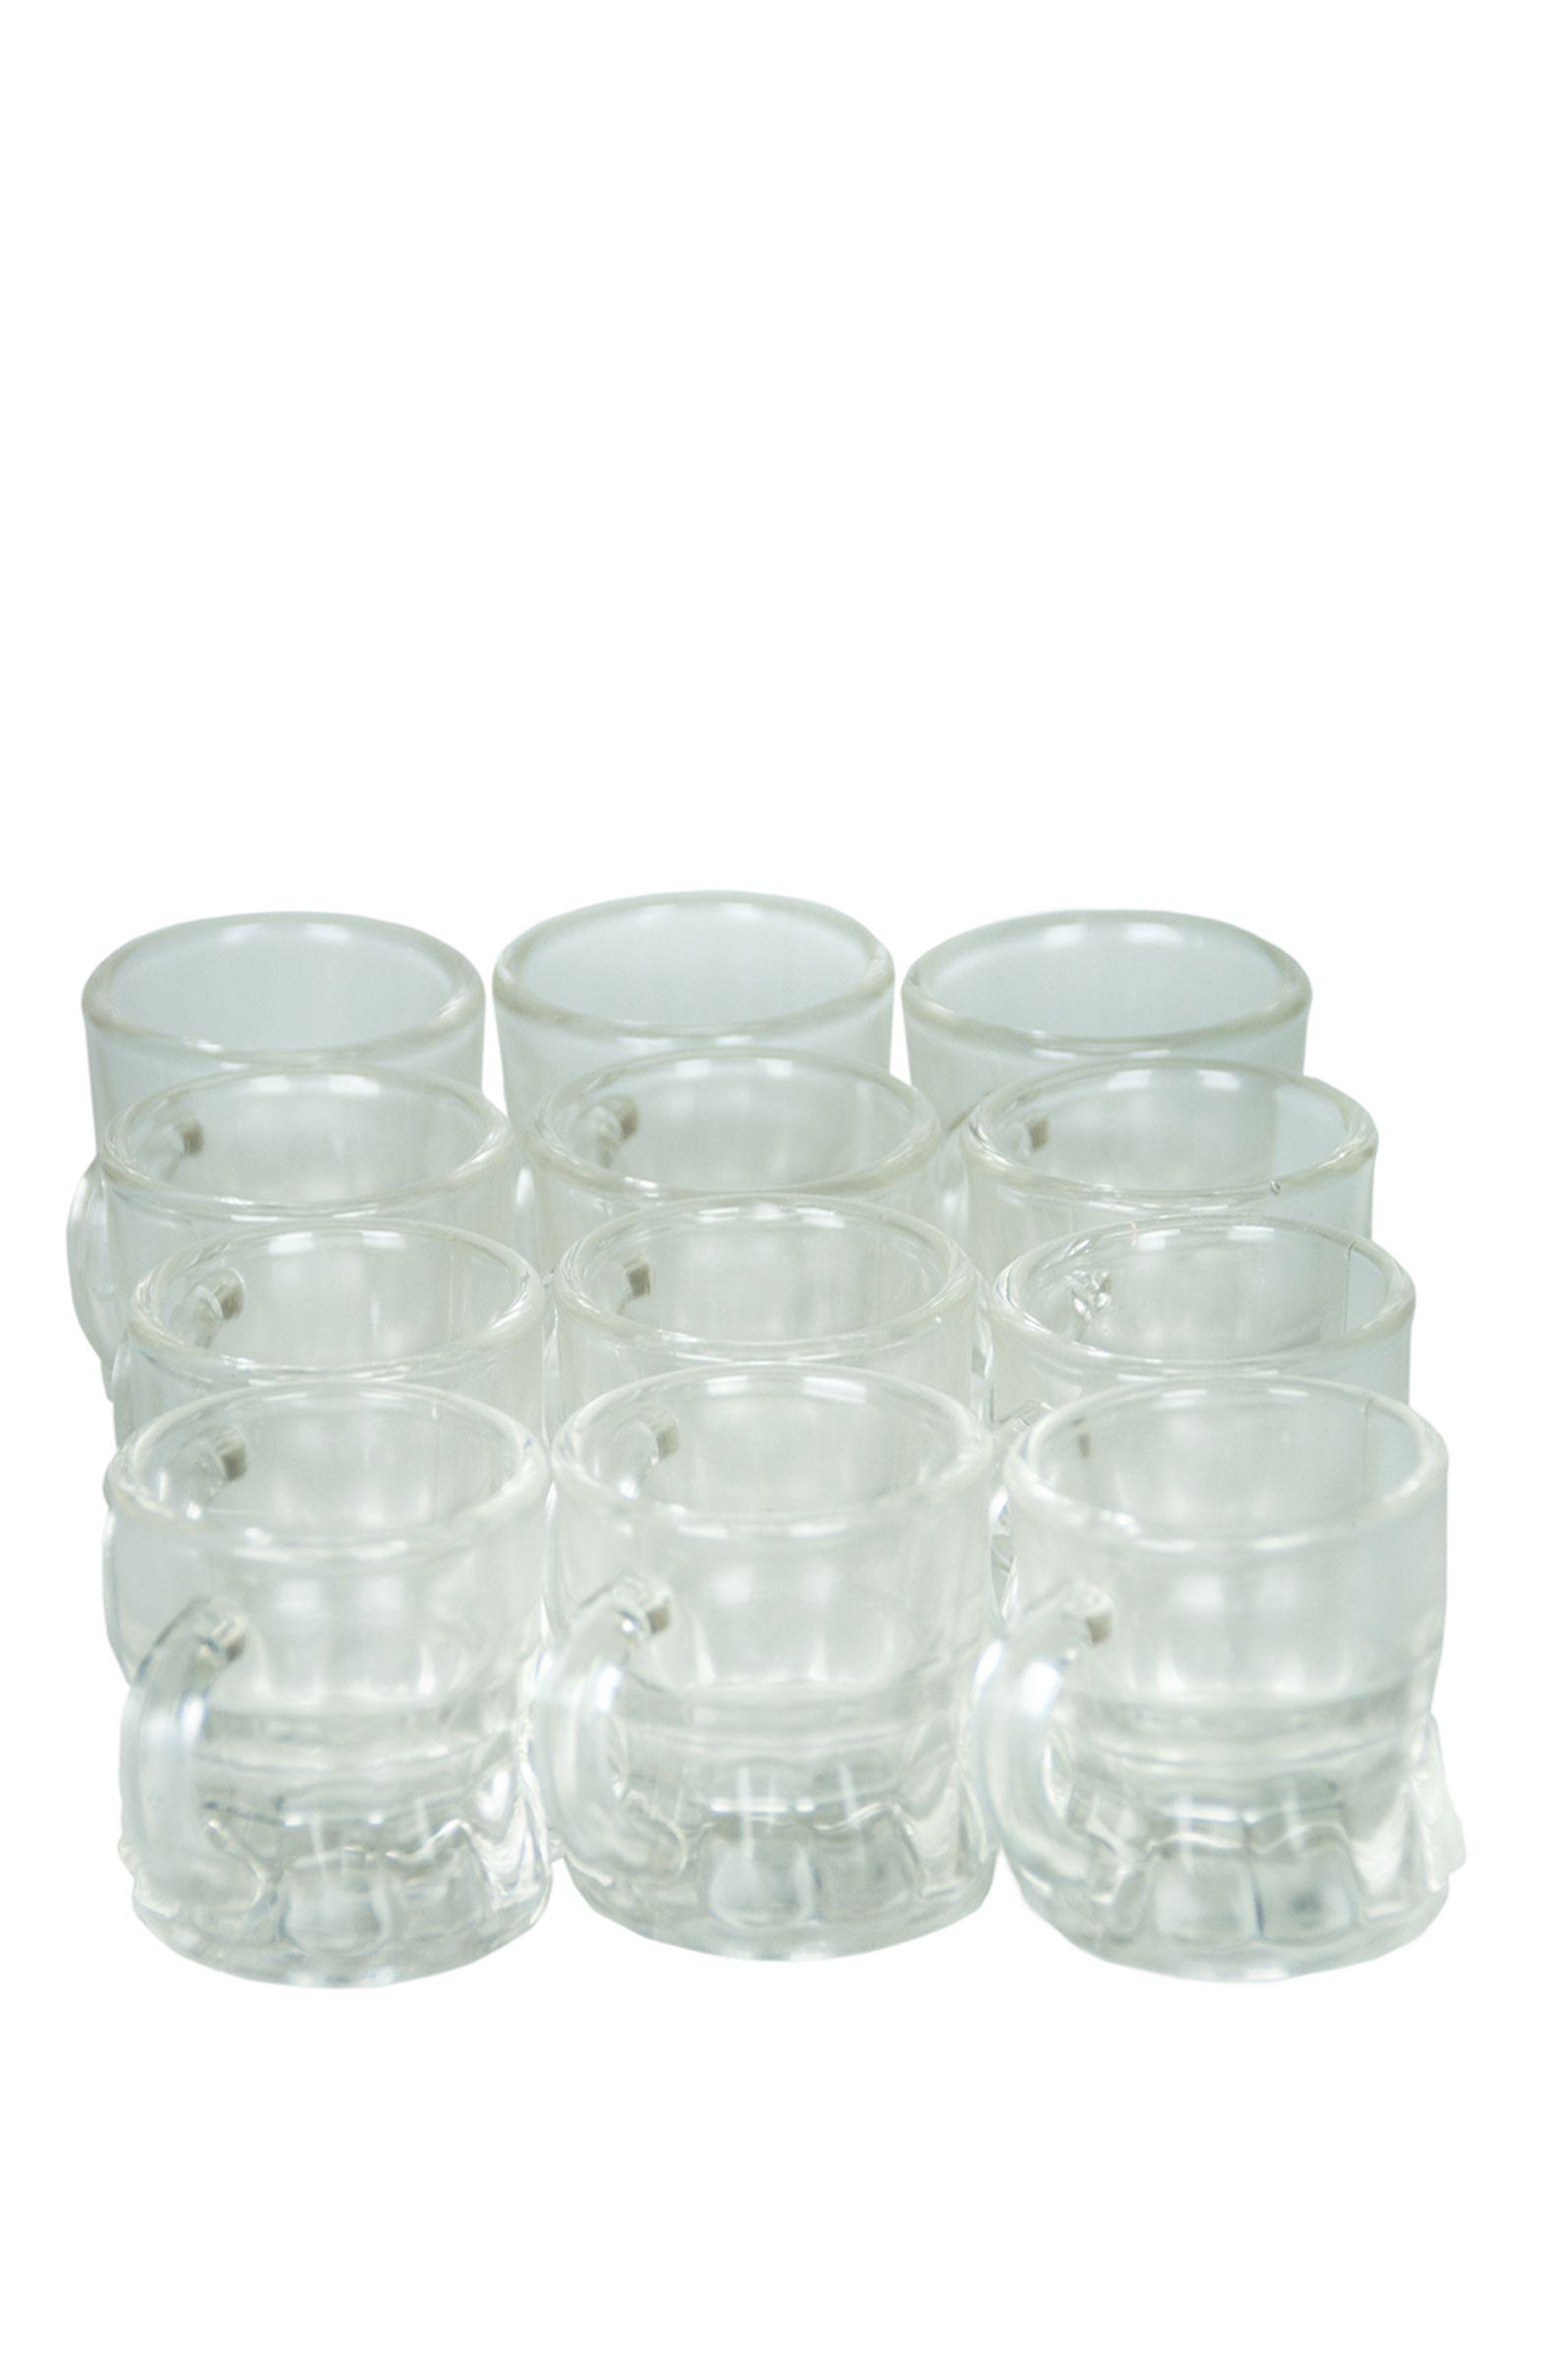 schnapsglas schnapsgl ser schnaps stamper kurze glas mit henkel 2cl 12 24 48 stk ebay. Black Bedroom Furniture Sets. Home Design Ideas